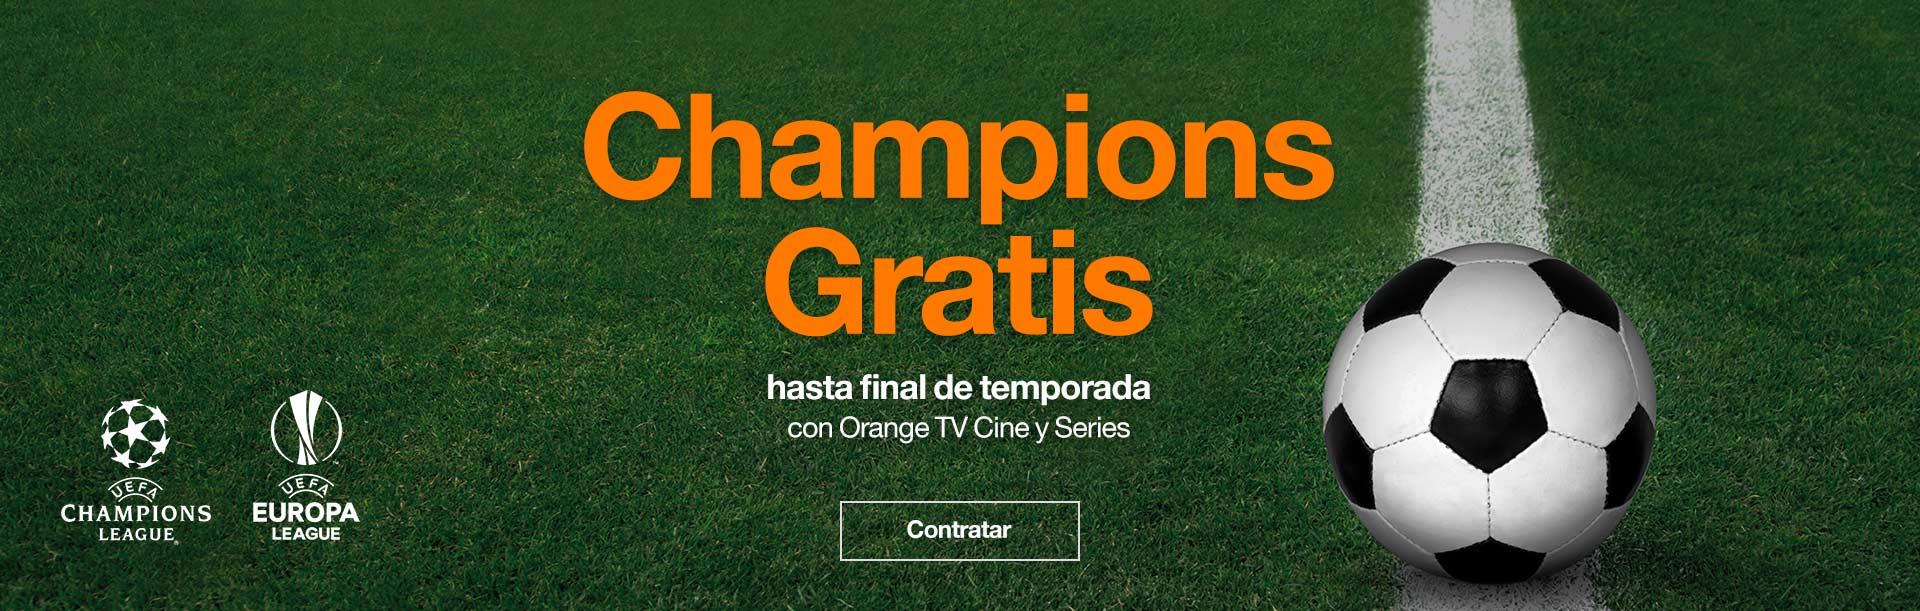 Toda la Champions gratis toda la temporada con Orange TV Cine y Series